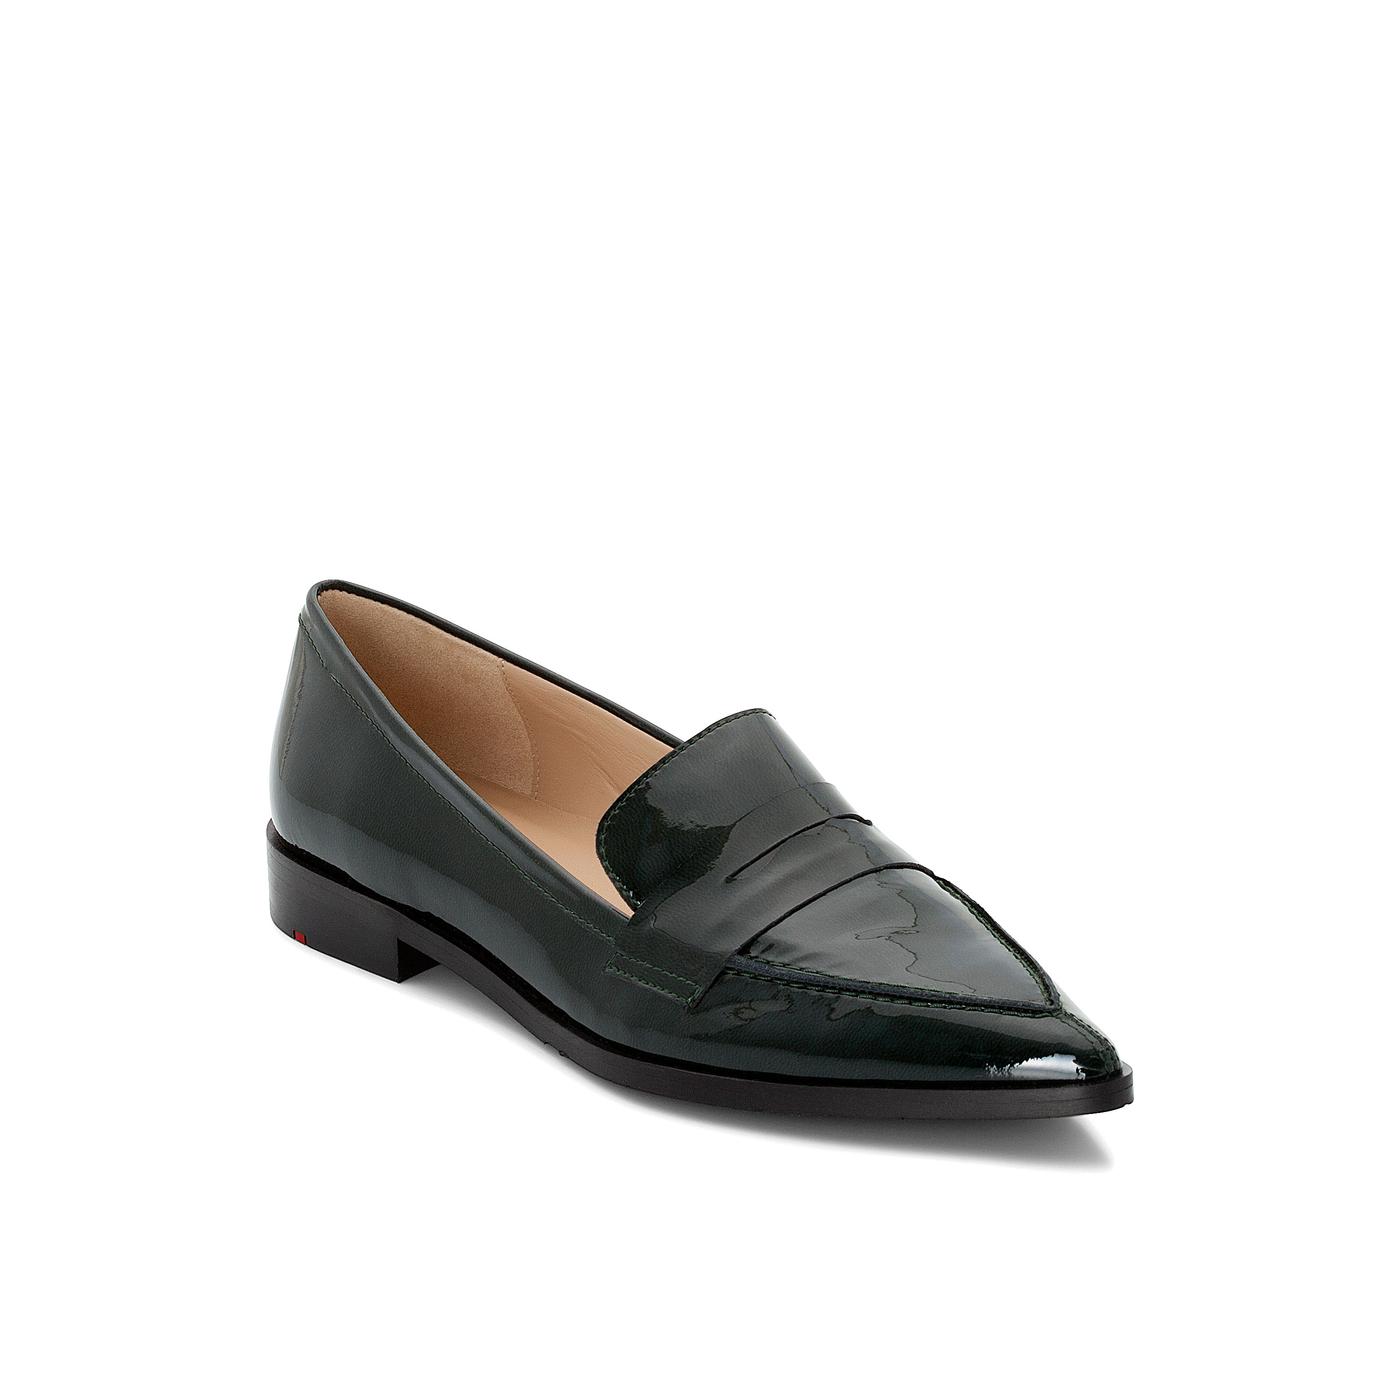 72fe32f60188 Schuhe online kaufen - Mode für trendbewusste Frauen   formgefühl